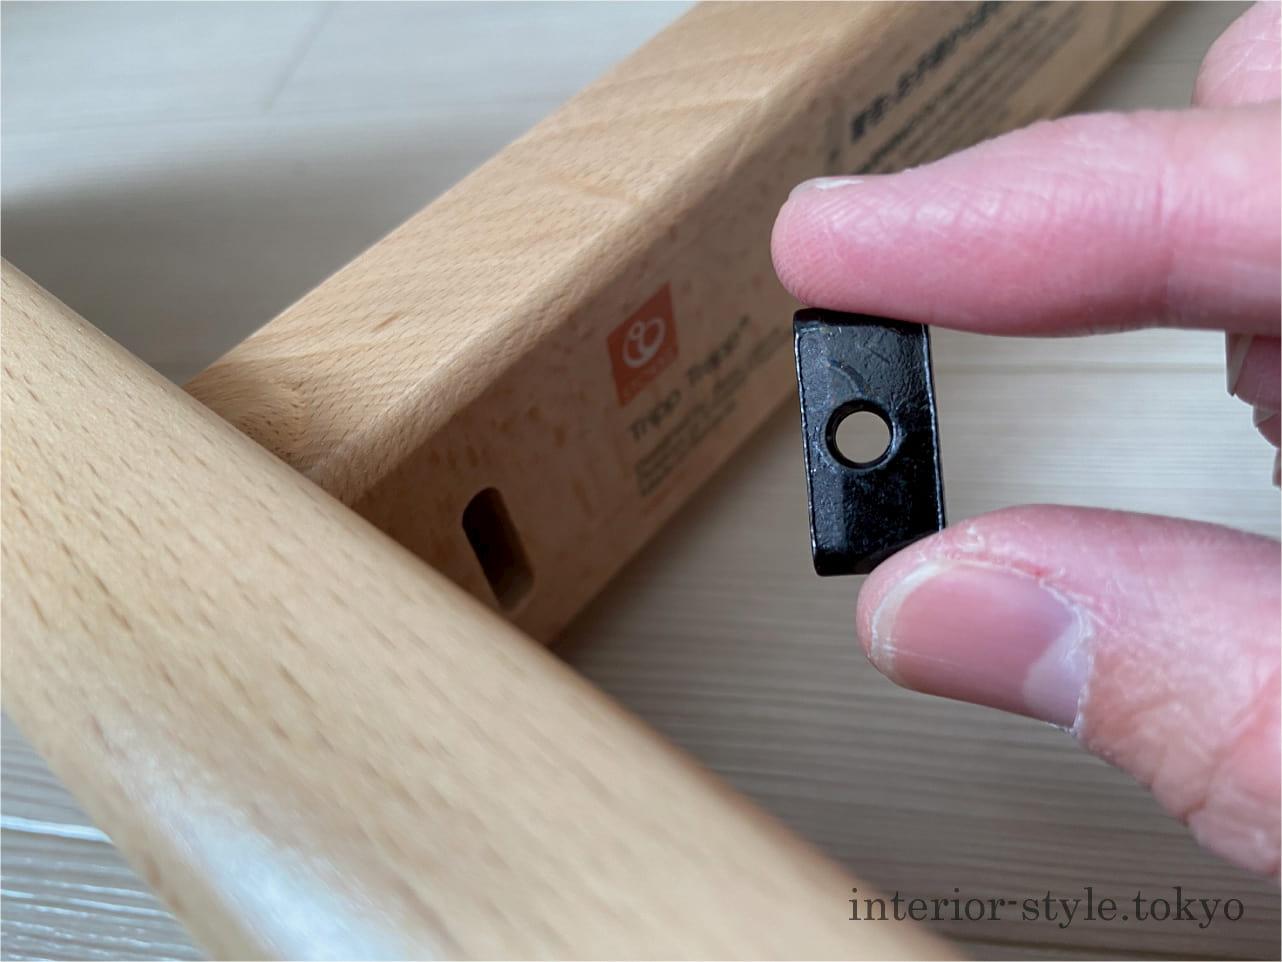 トリップトラップのL字板とナット